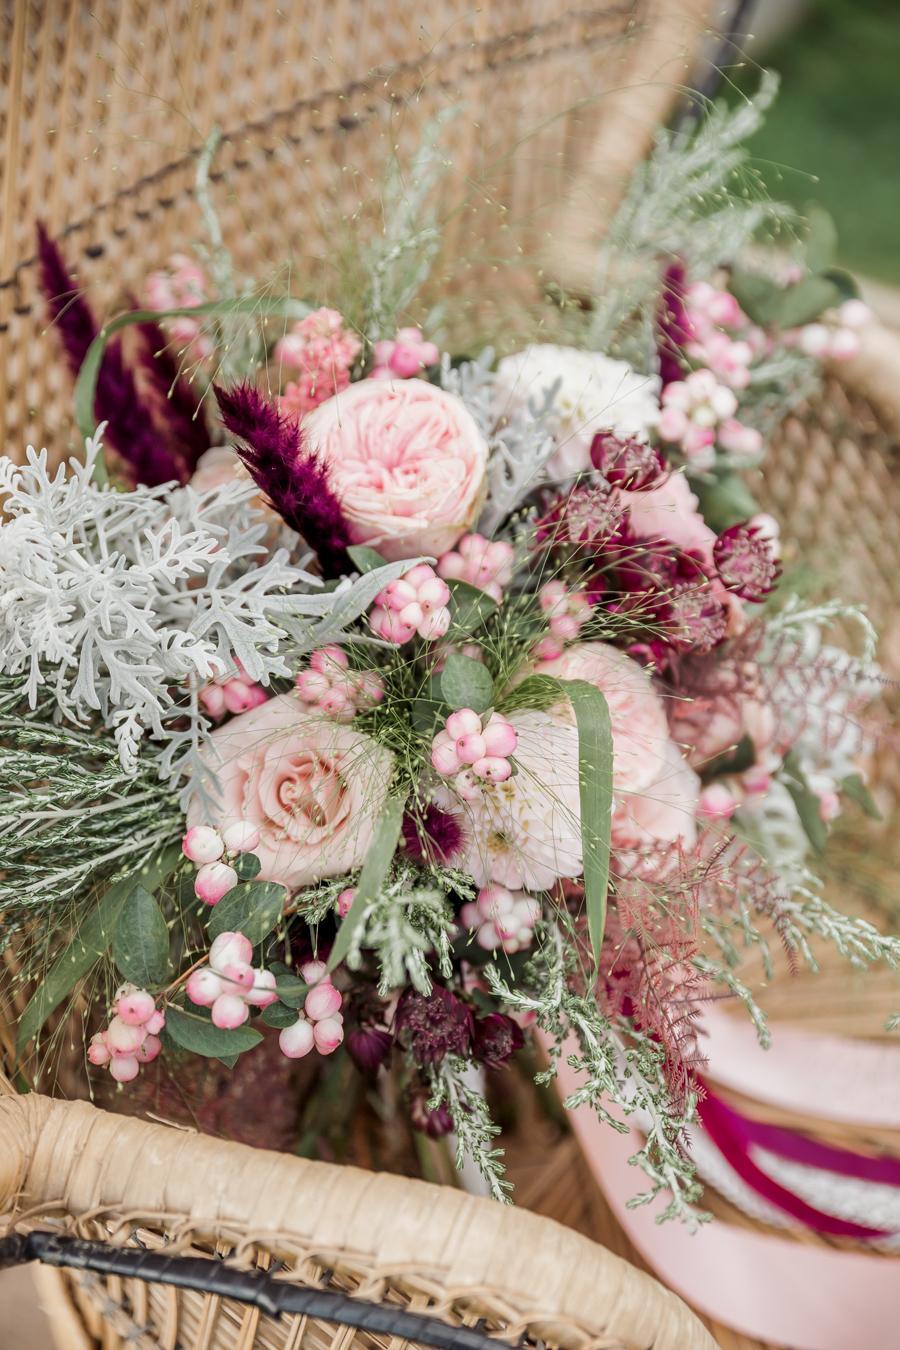 Hertfordshire Boho Themed Styled Wedding Shoot, photographer credit Absolute Photo UK (7)